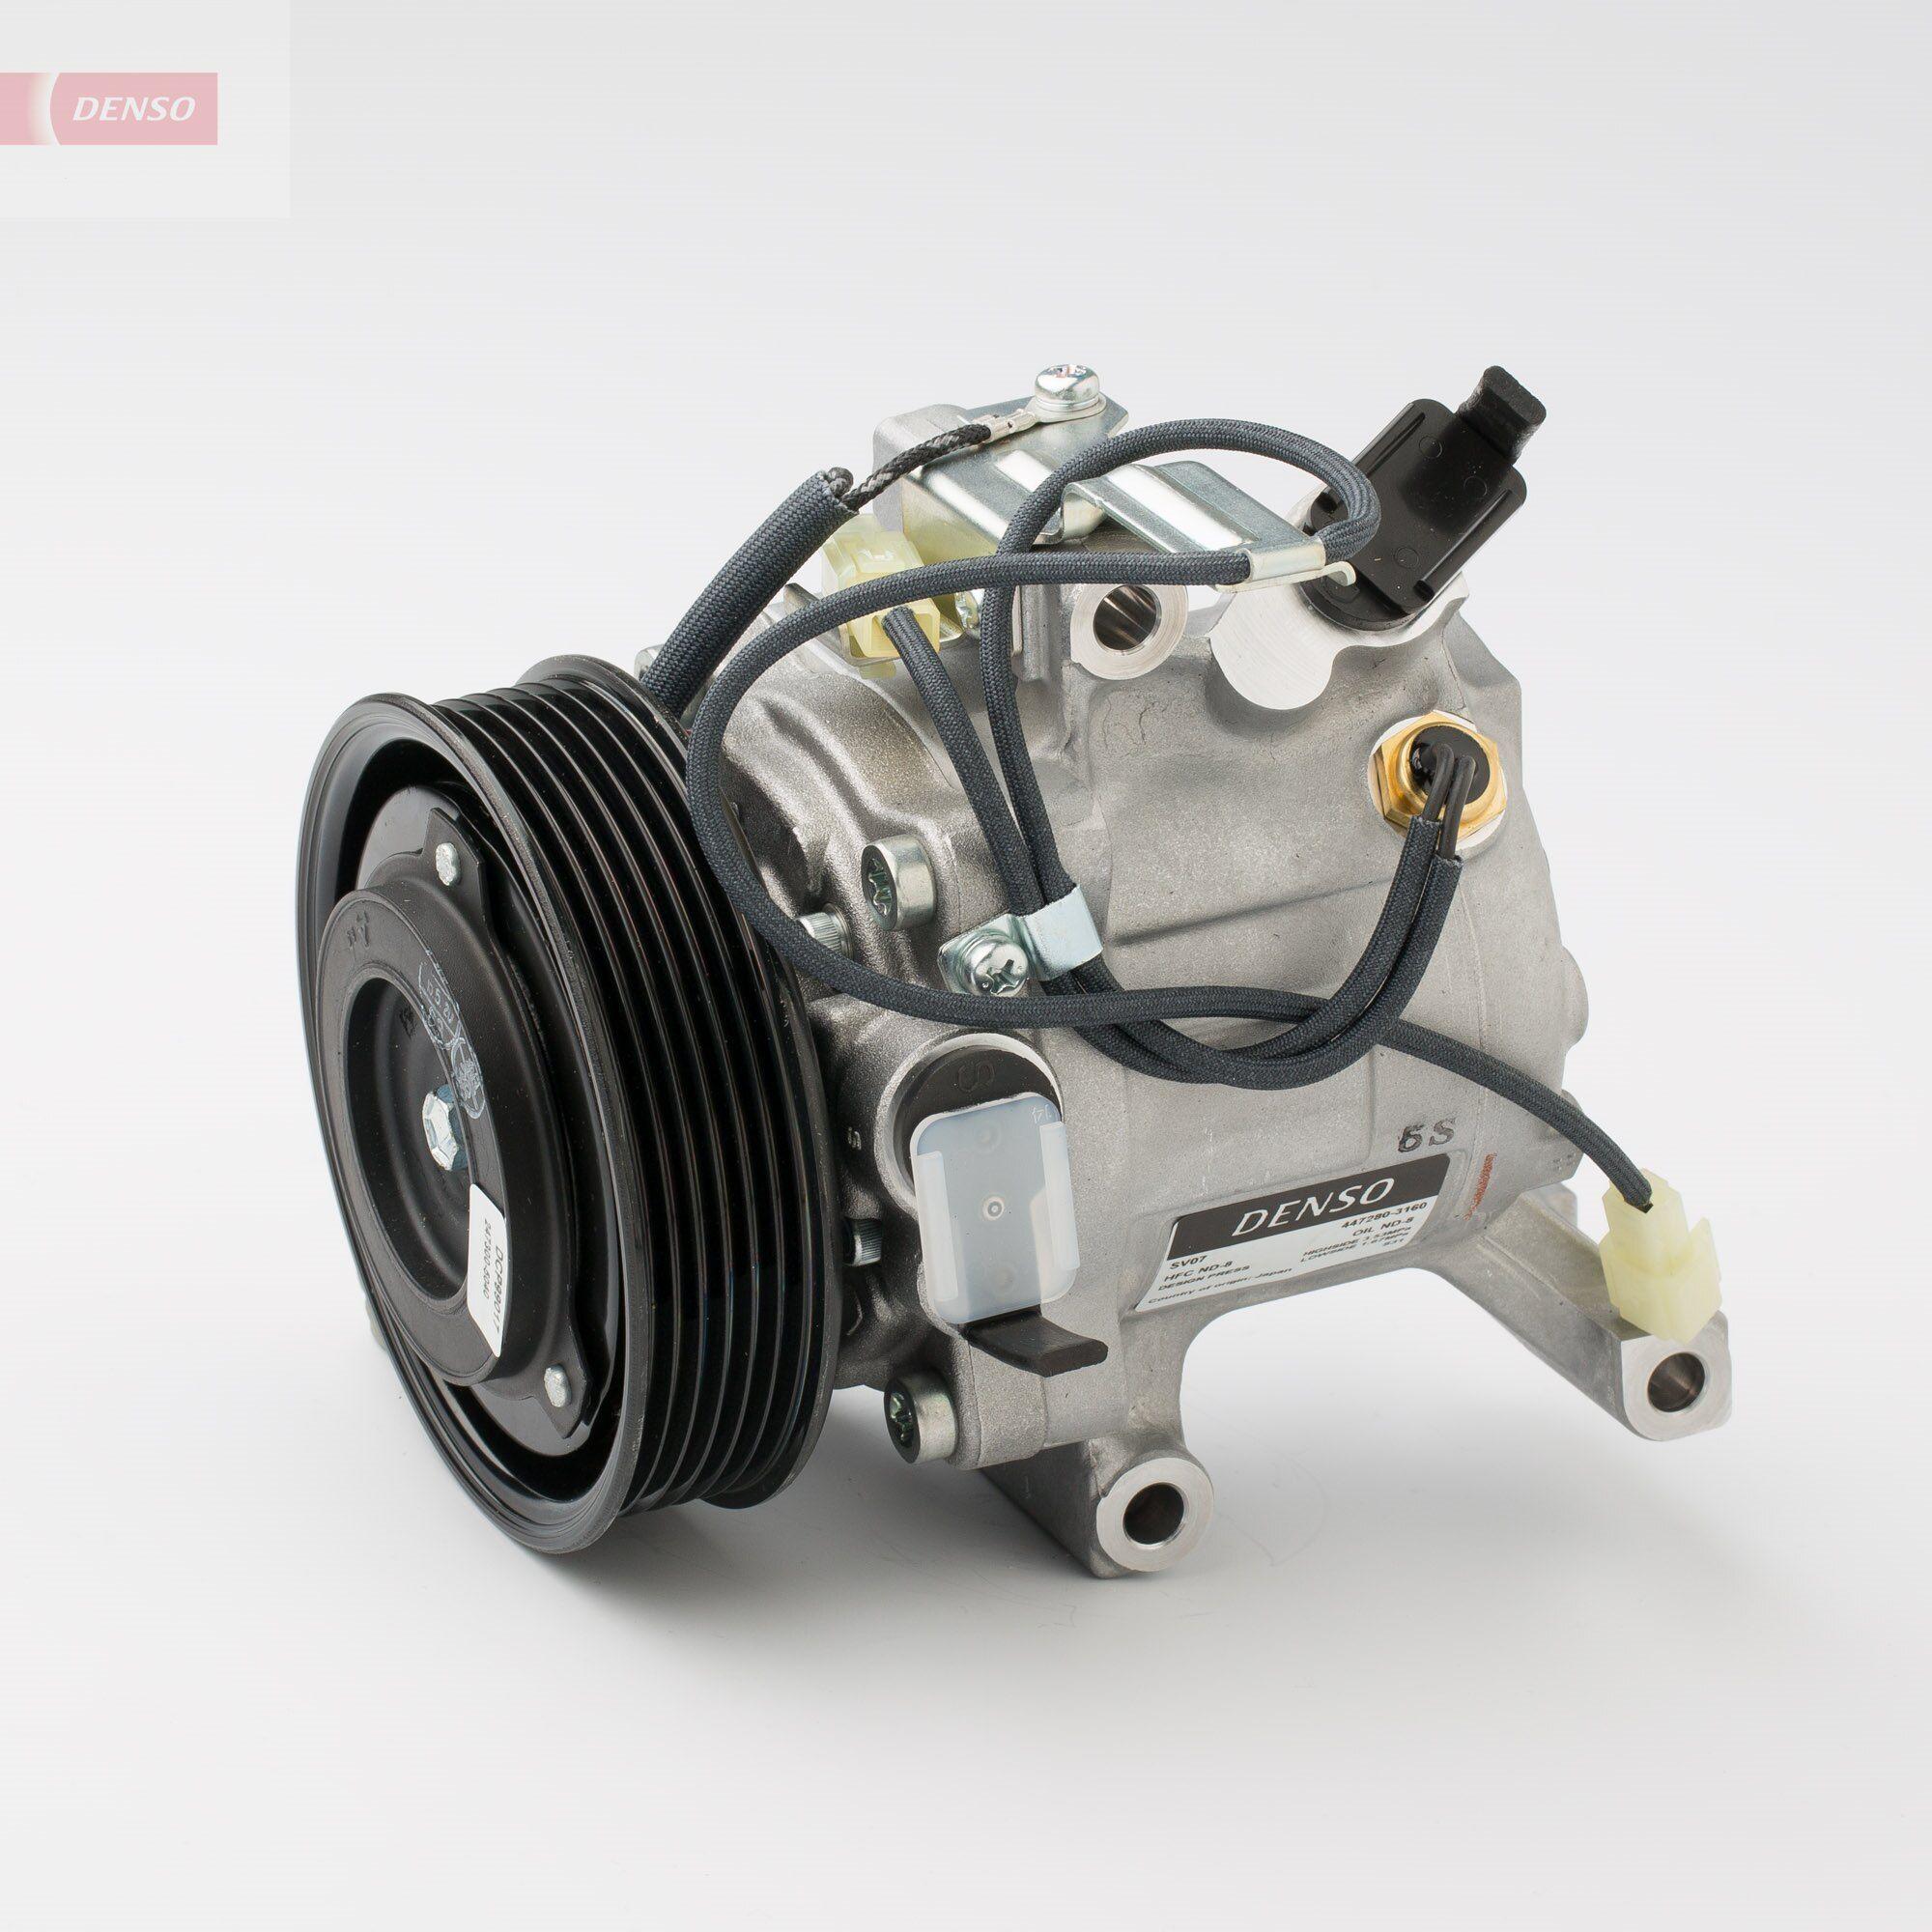 Billige Preise für Kompressor, Klimaanlage DCP99017 hier im Kfzteile Shop